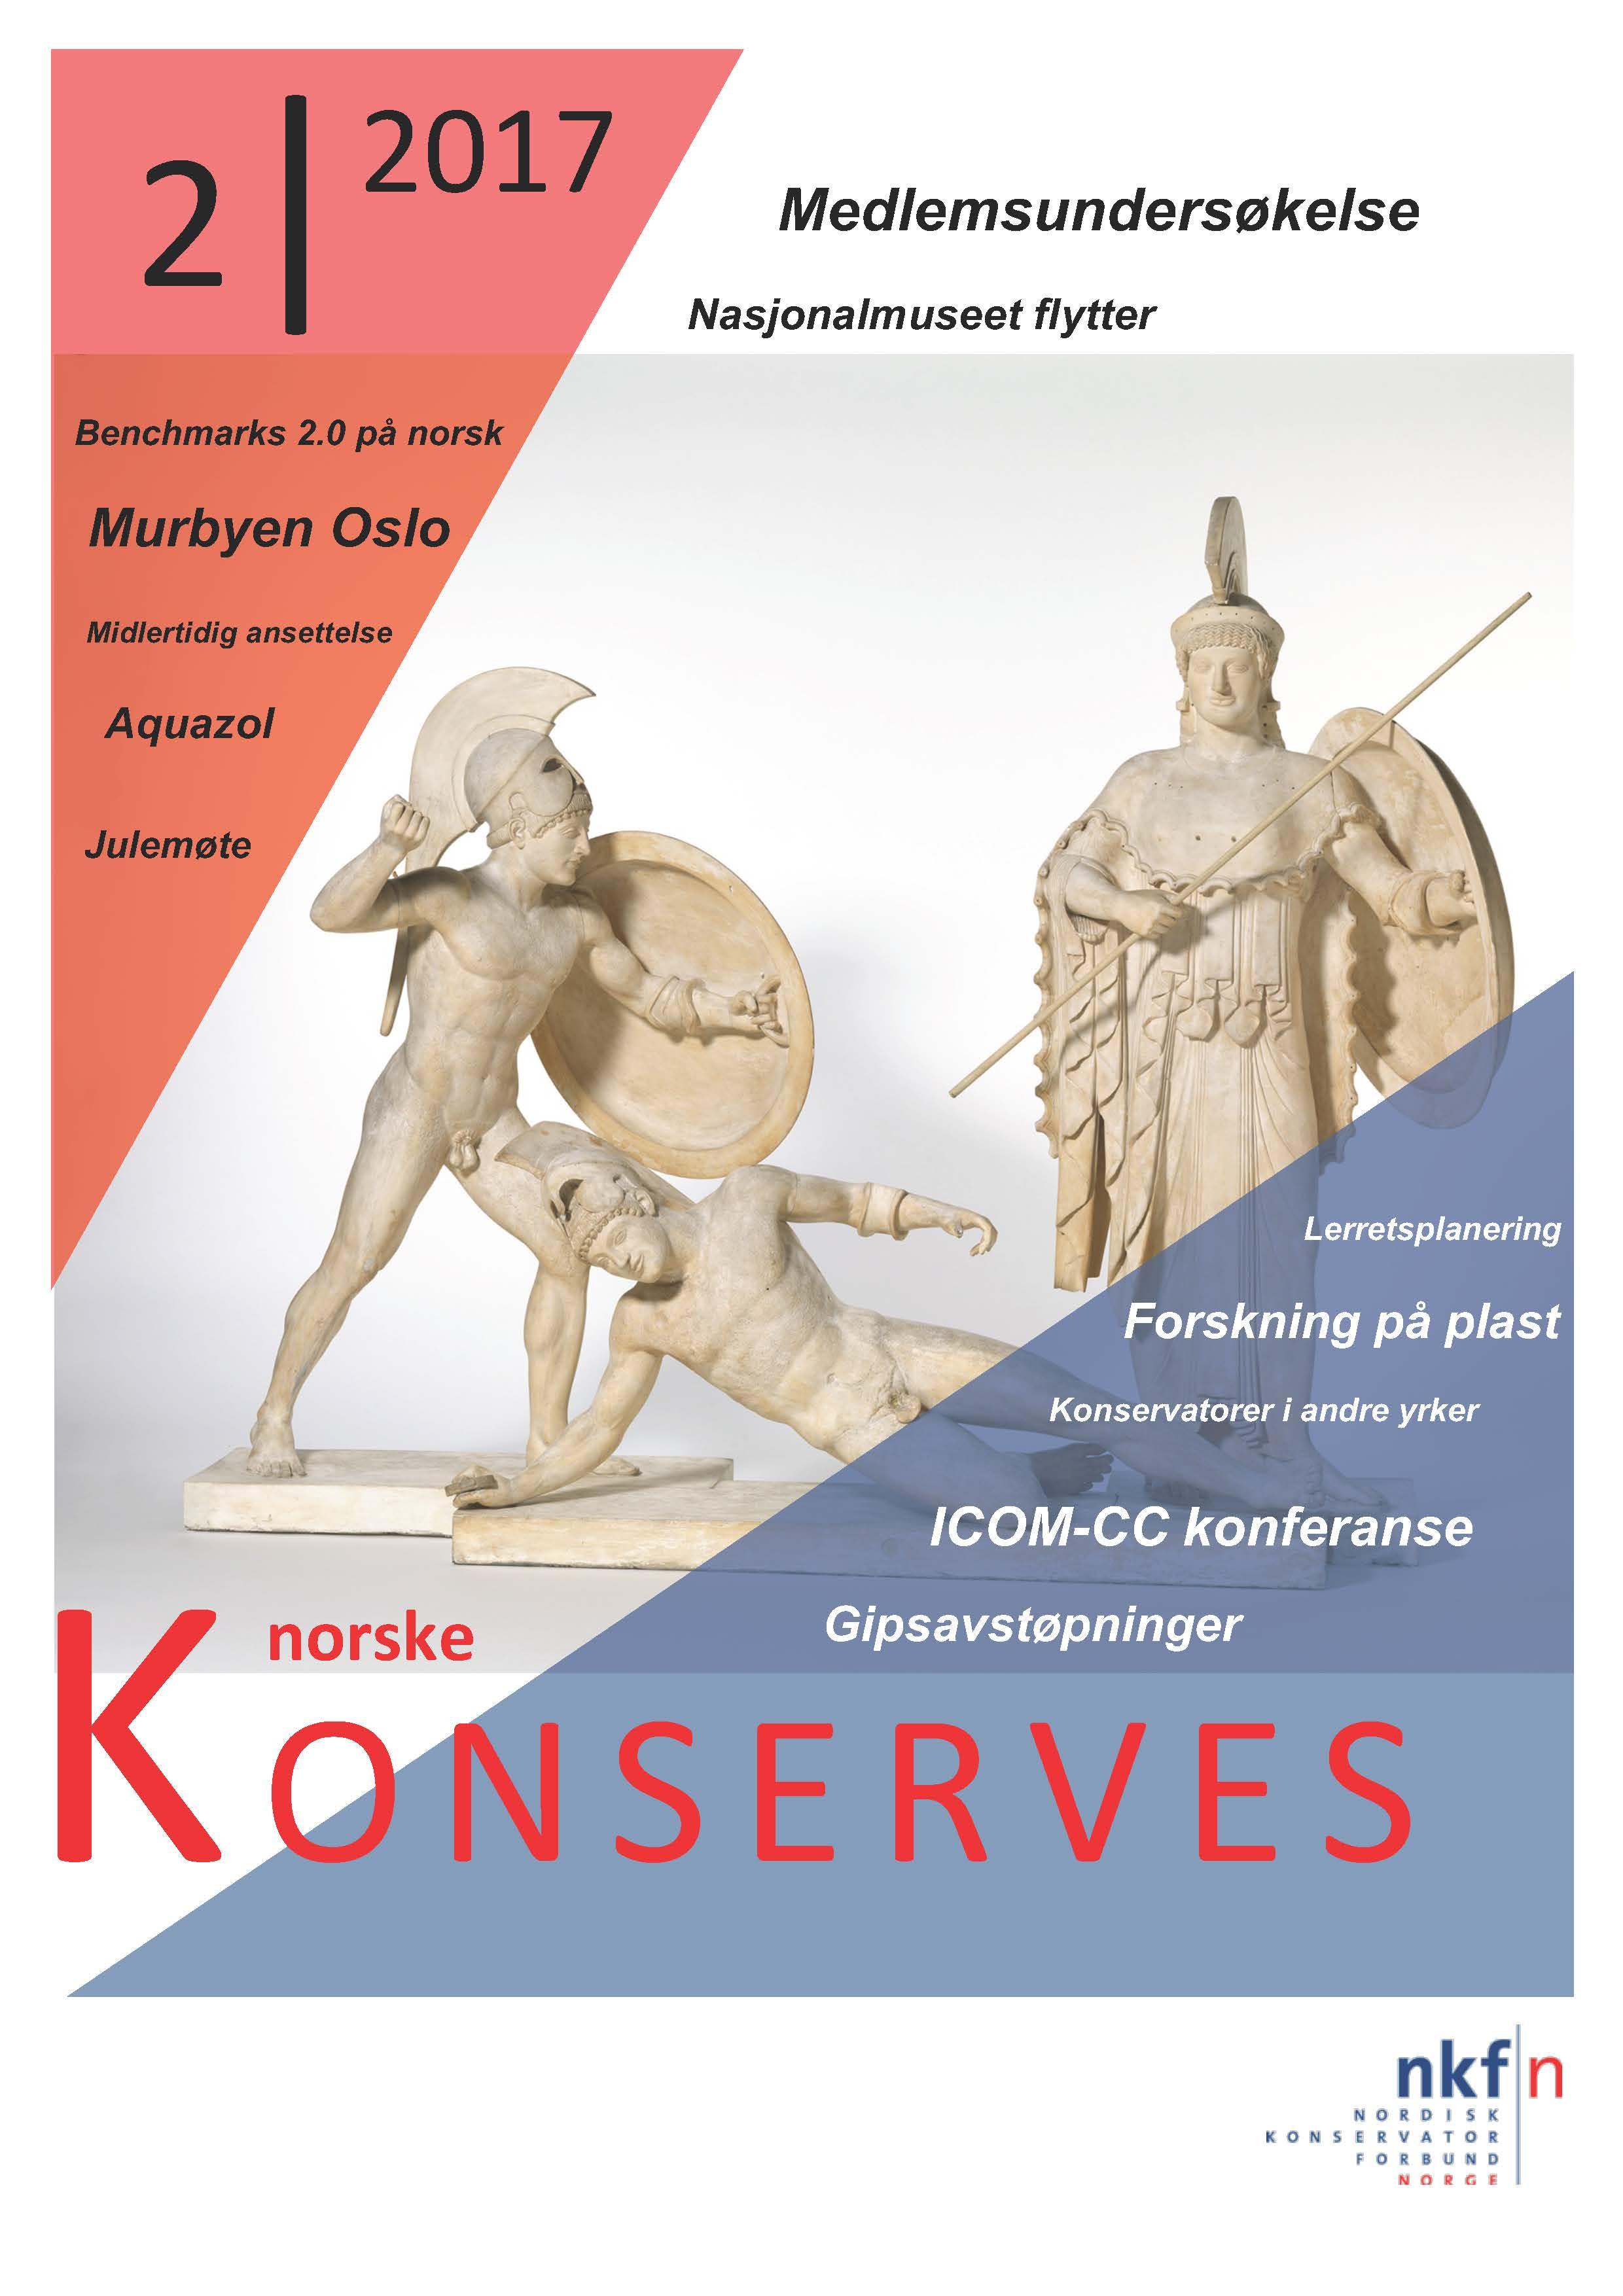 Norske Konserves 2017-2